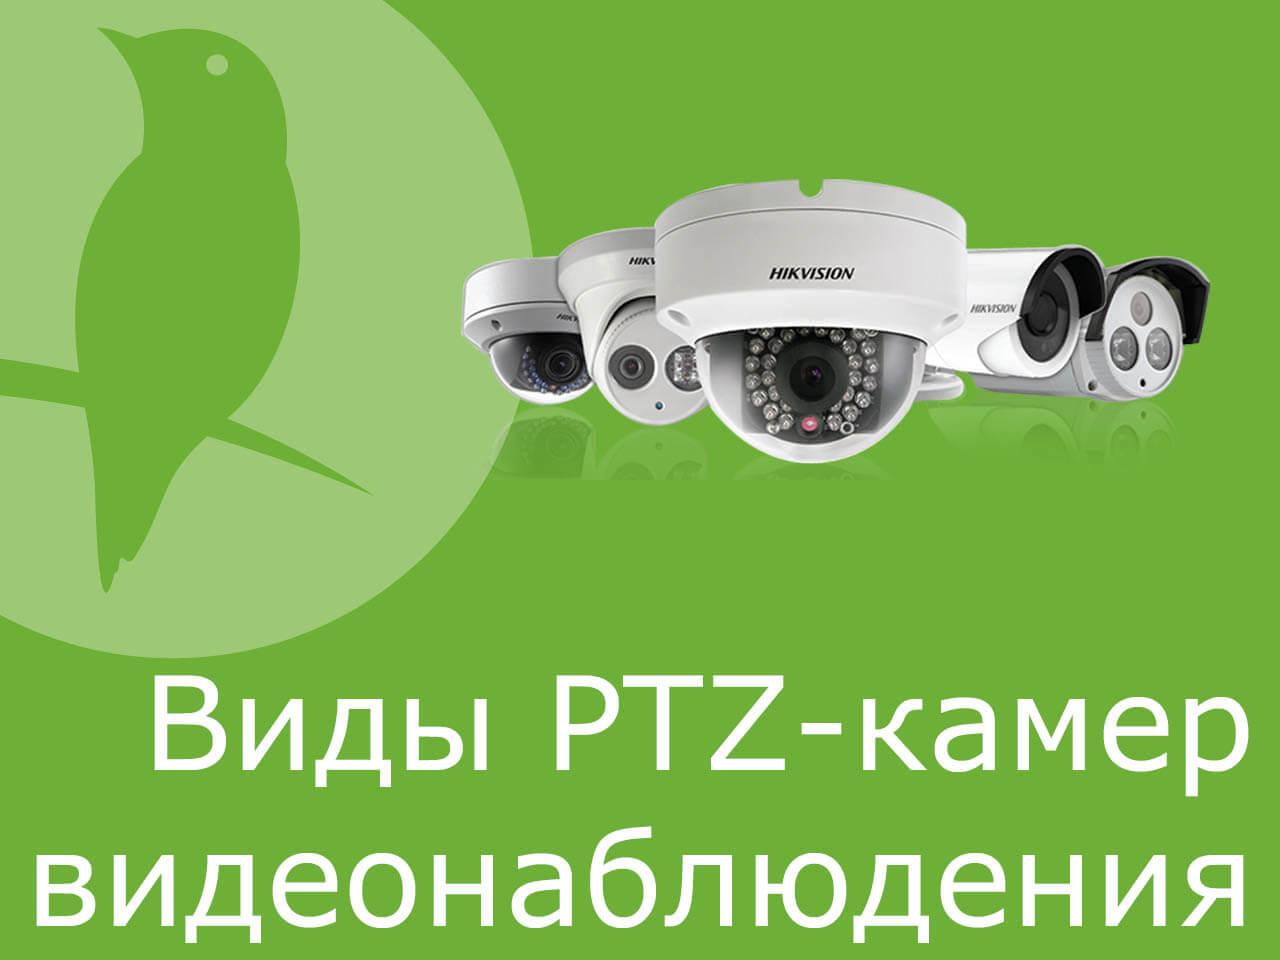 Виды PTZ-камер видеонаблюдения